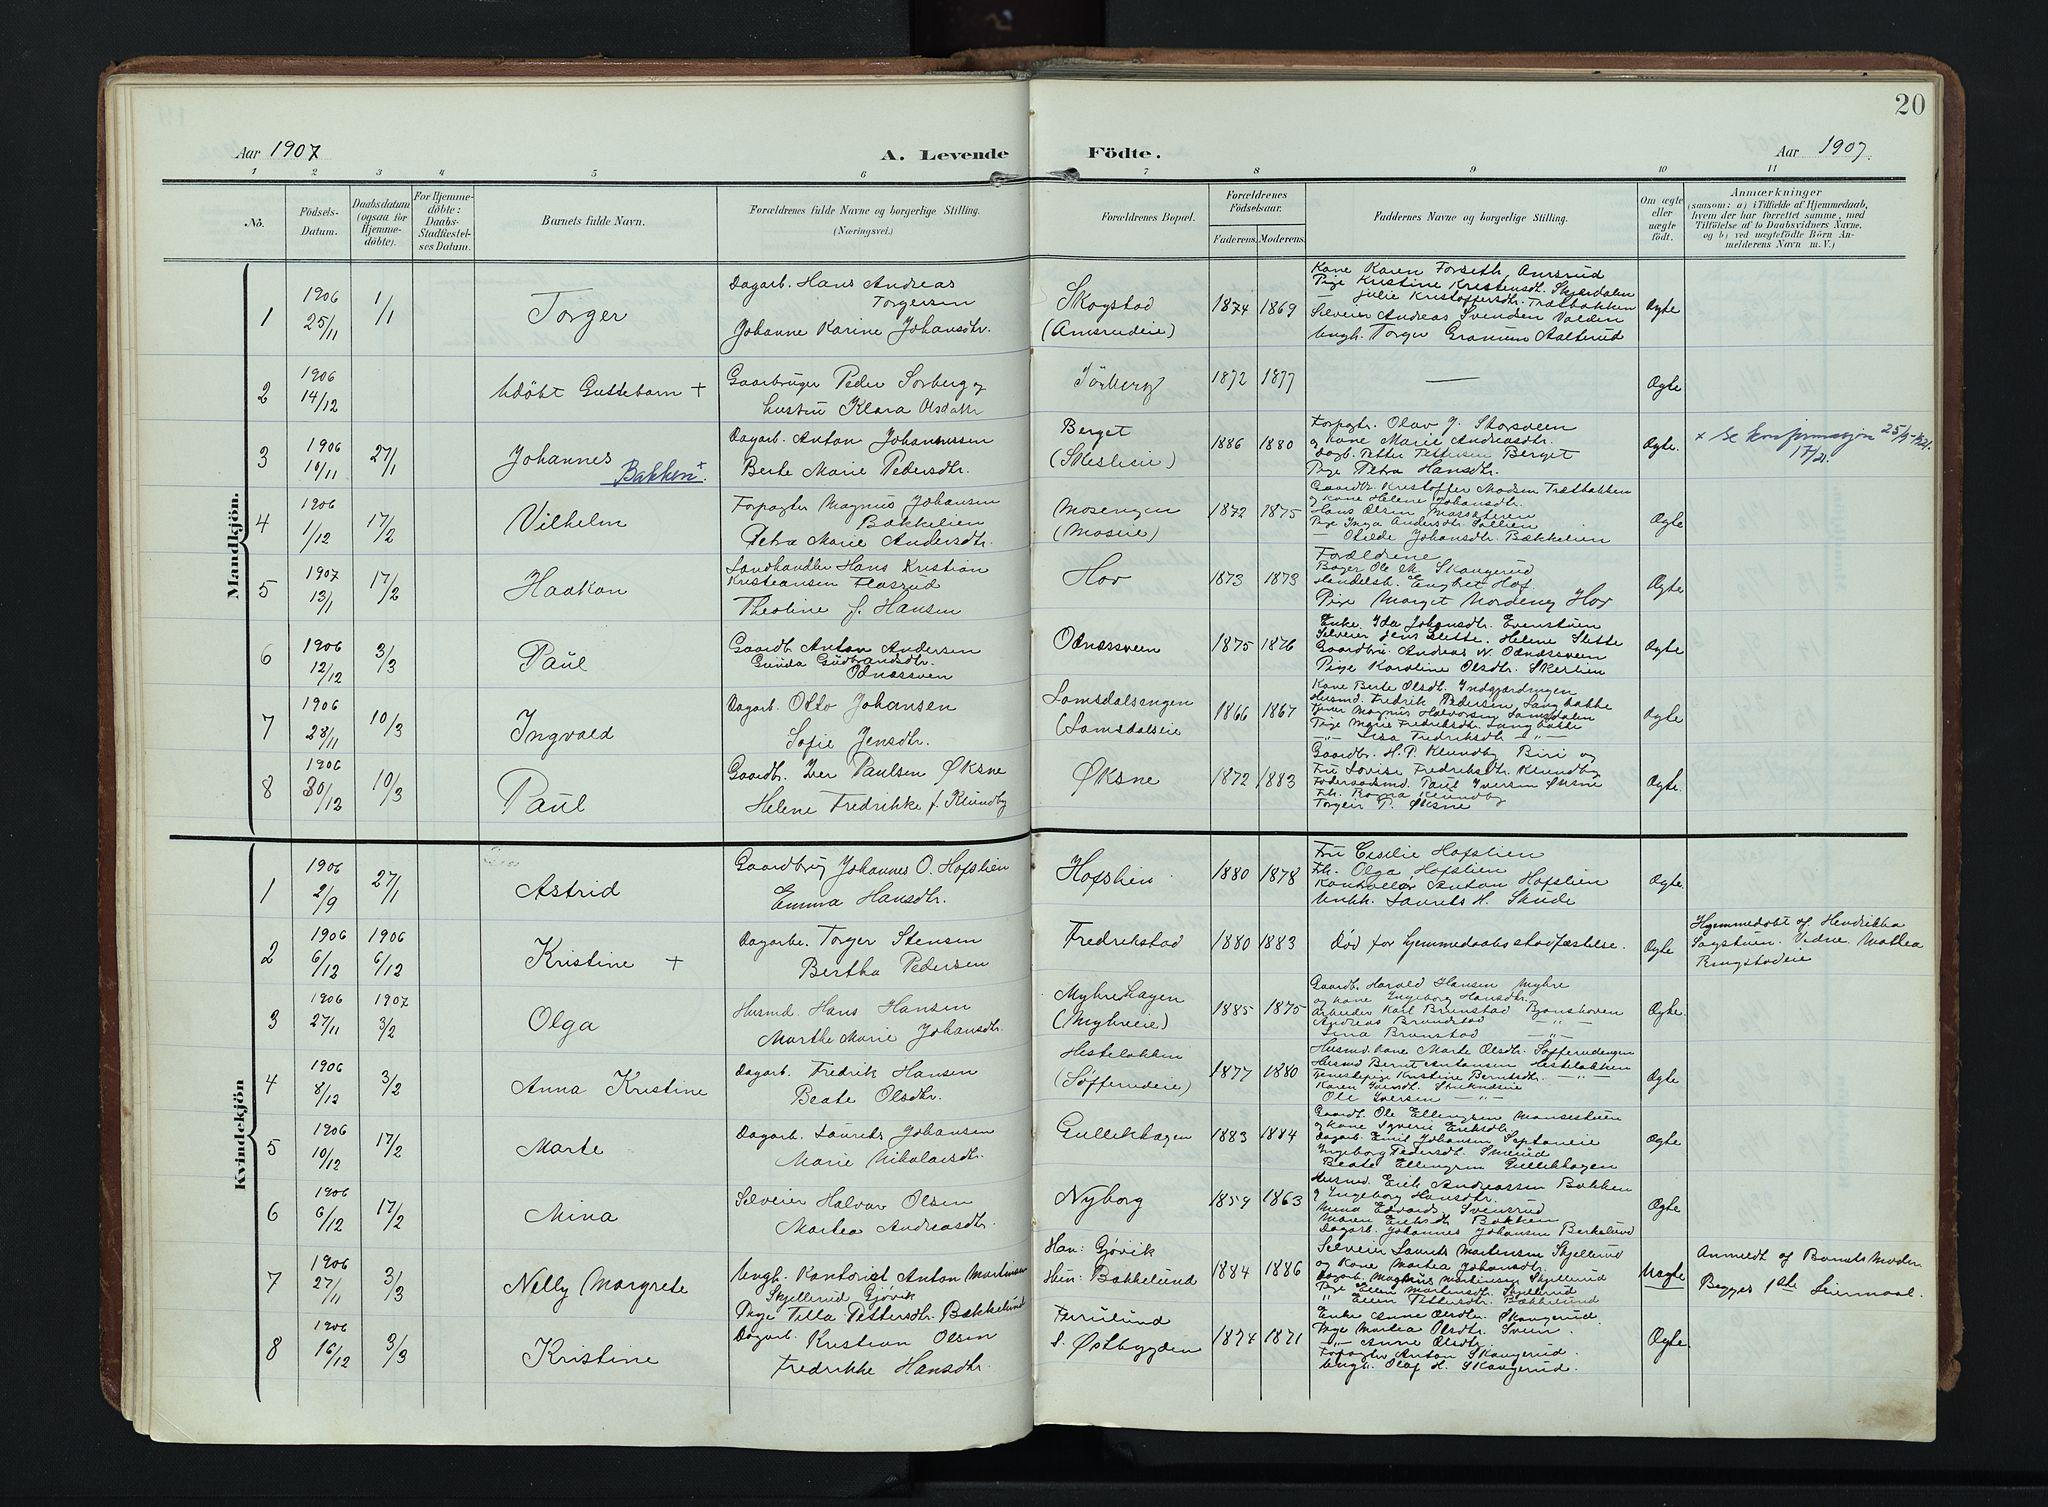 SAH, Søndre Land prestekontor, K/L0007: Ministerialbok nr. 7, 1905-1914, s. 20